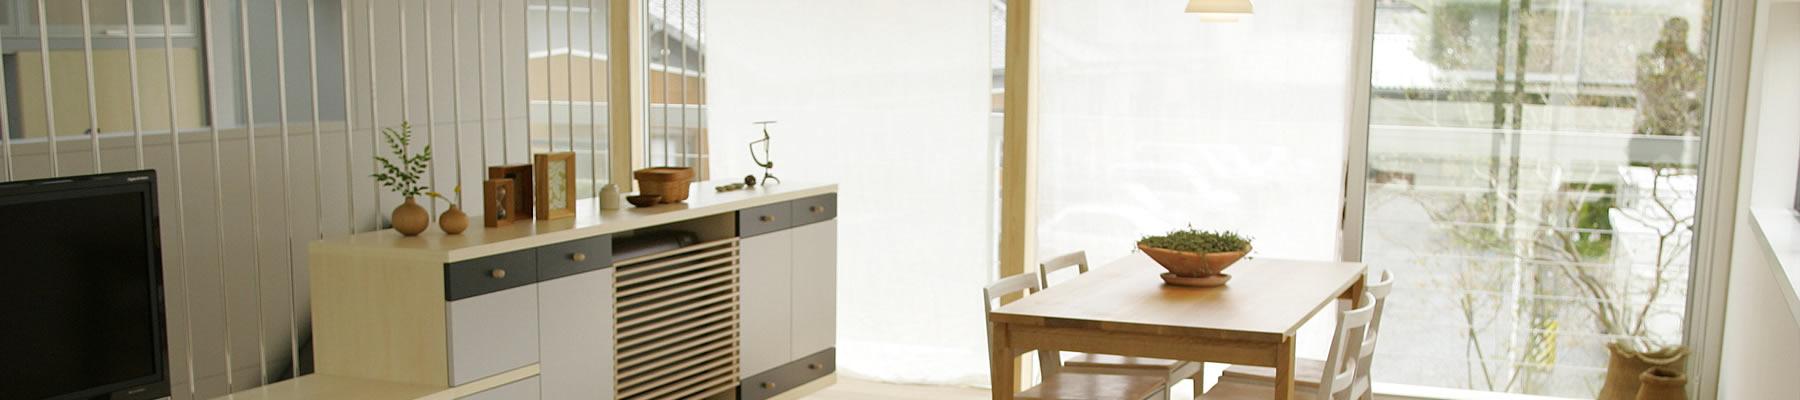 設計した人|家族が心地よく暮らせる私サイズの家|安水建設